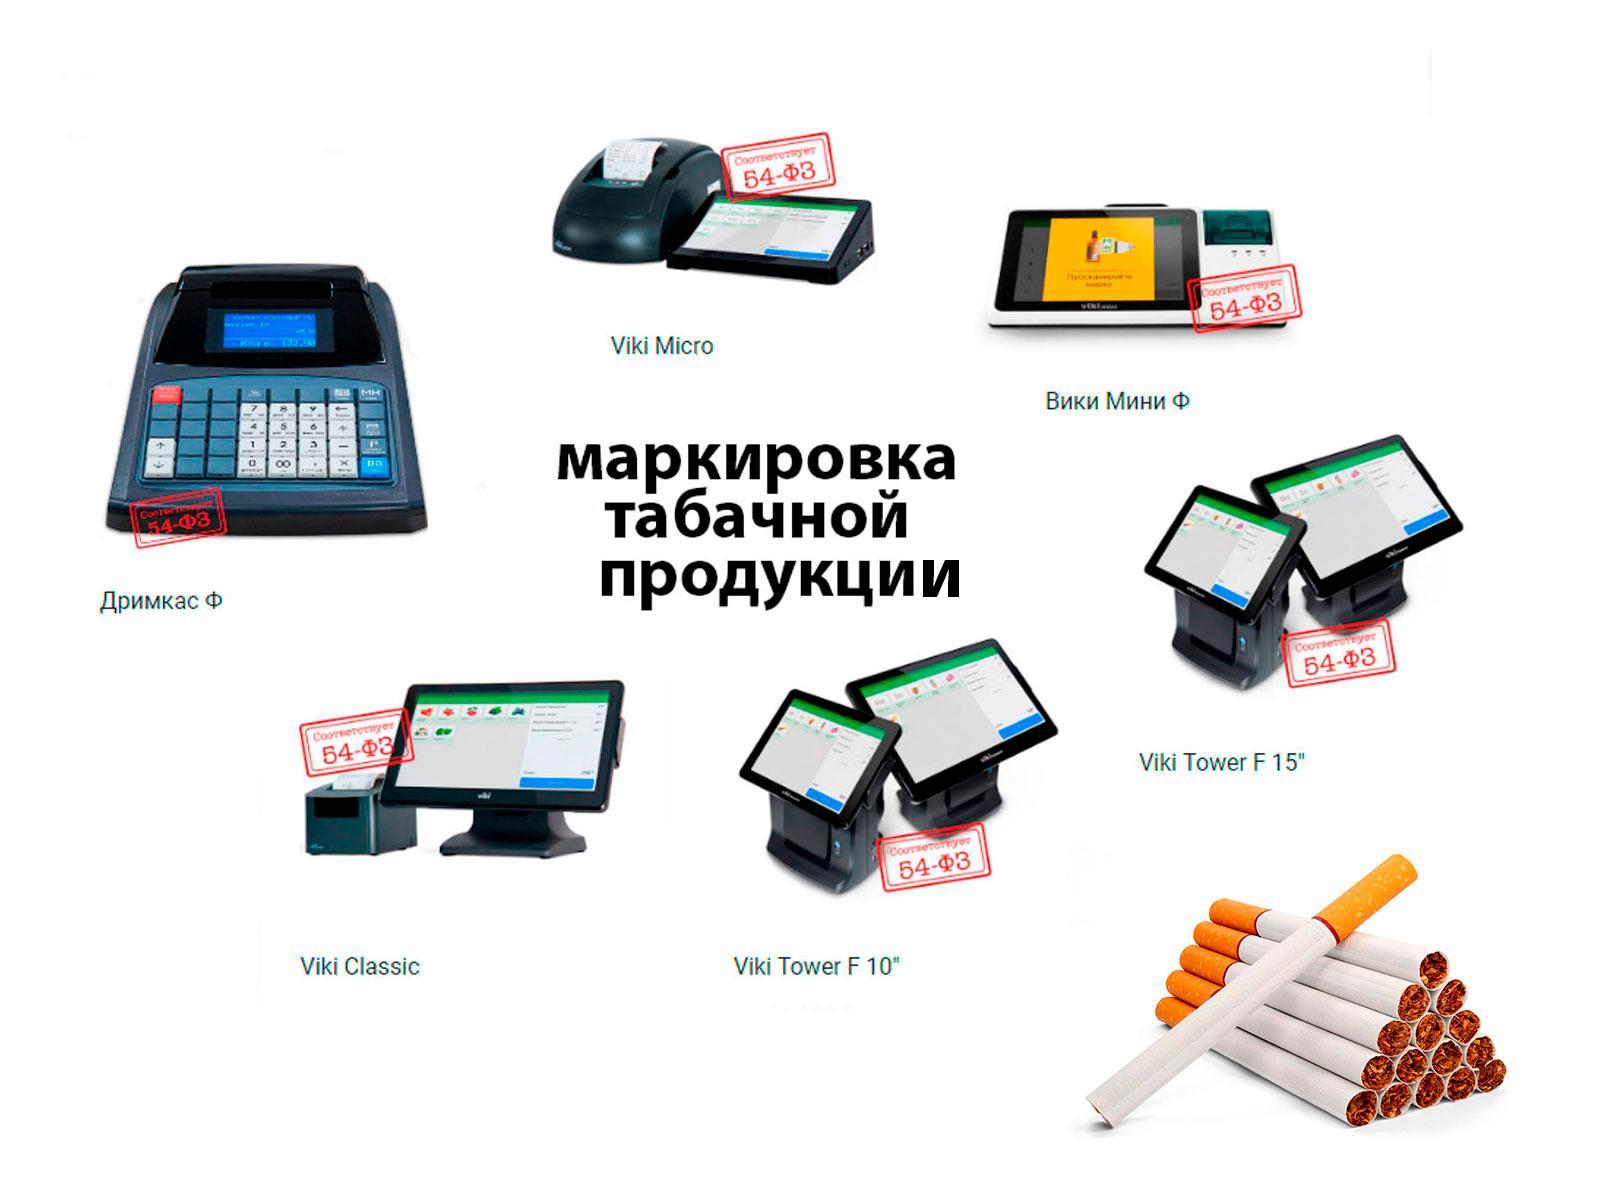 Маркировка табачной продукции